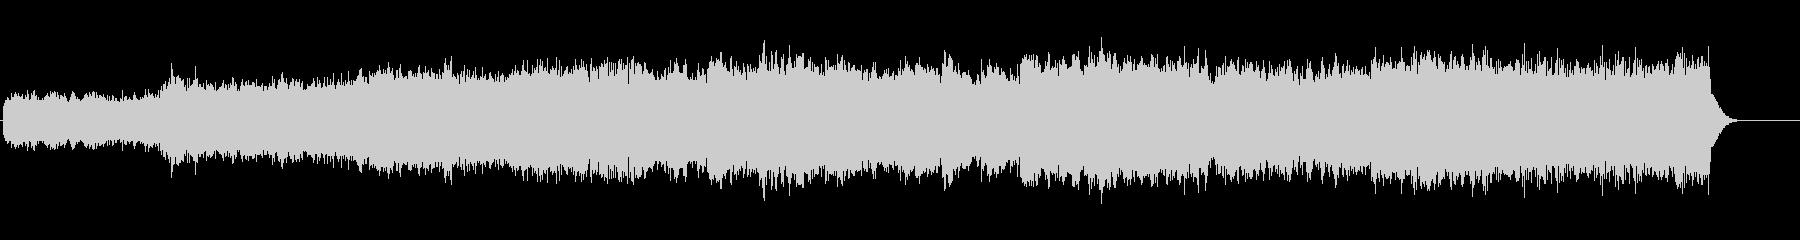 パイプオルガンの幻想的なオリジナルの未再生の波形